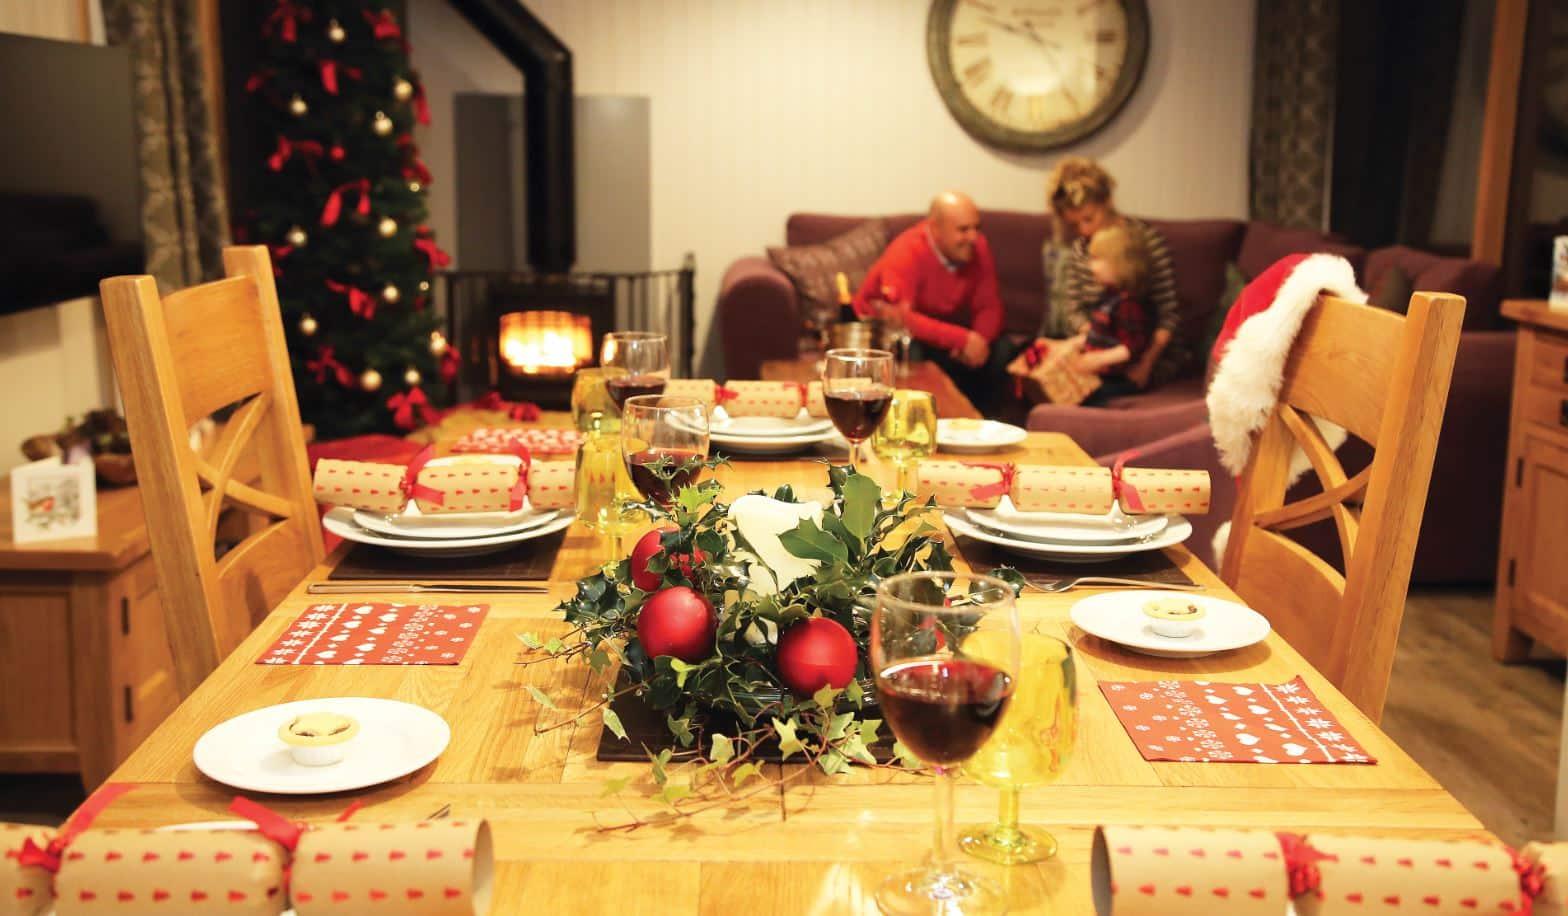 Introducing the SALT Cø. Taste of Christmas menu!